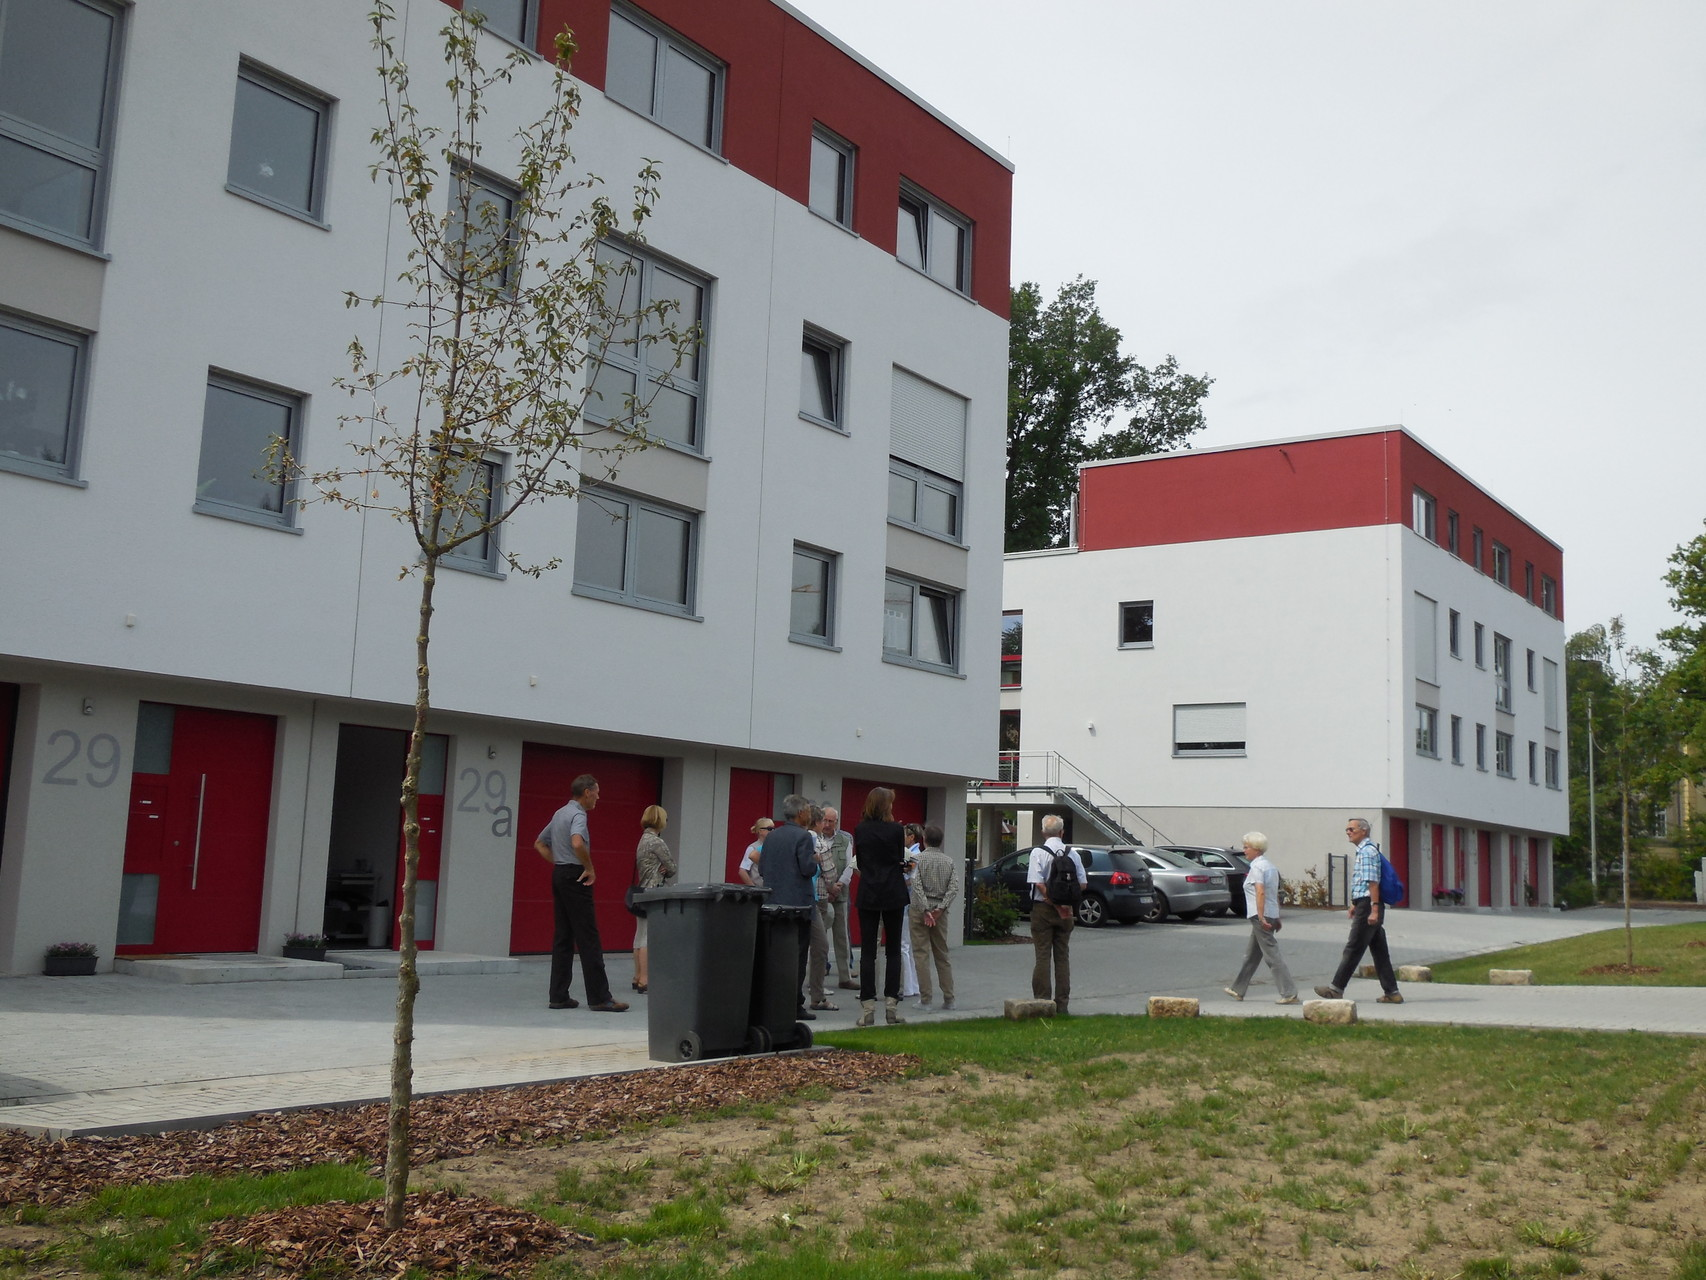 Neubau Whnhausgruppe Dresden, Südhöhe, Straßenseite (2014)